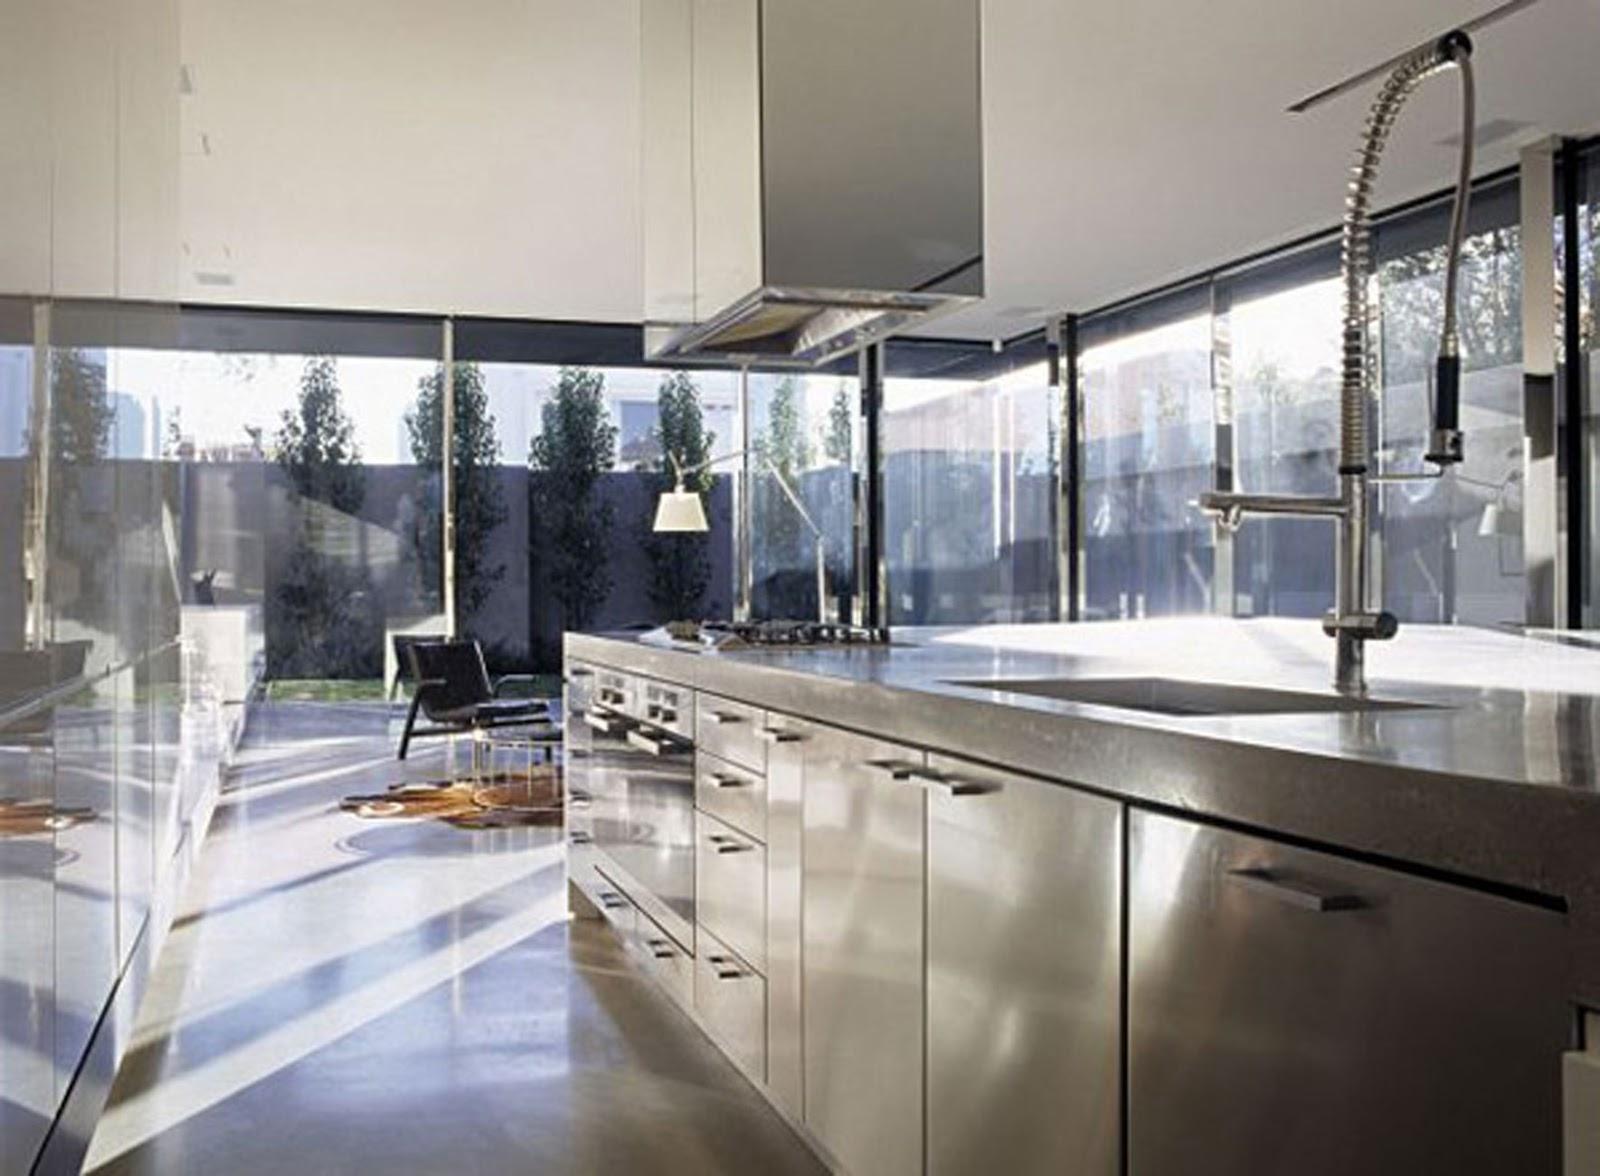 Steel Kitchen Interior photo - 1